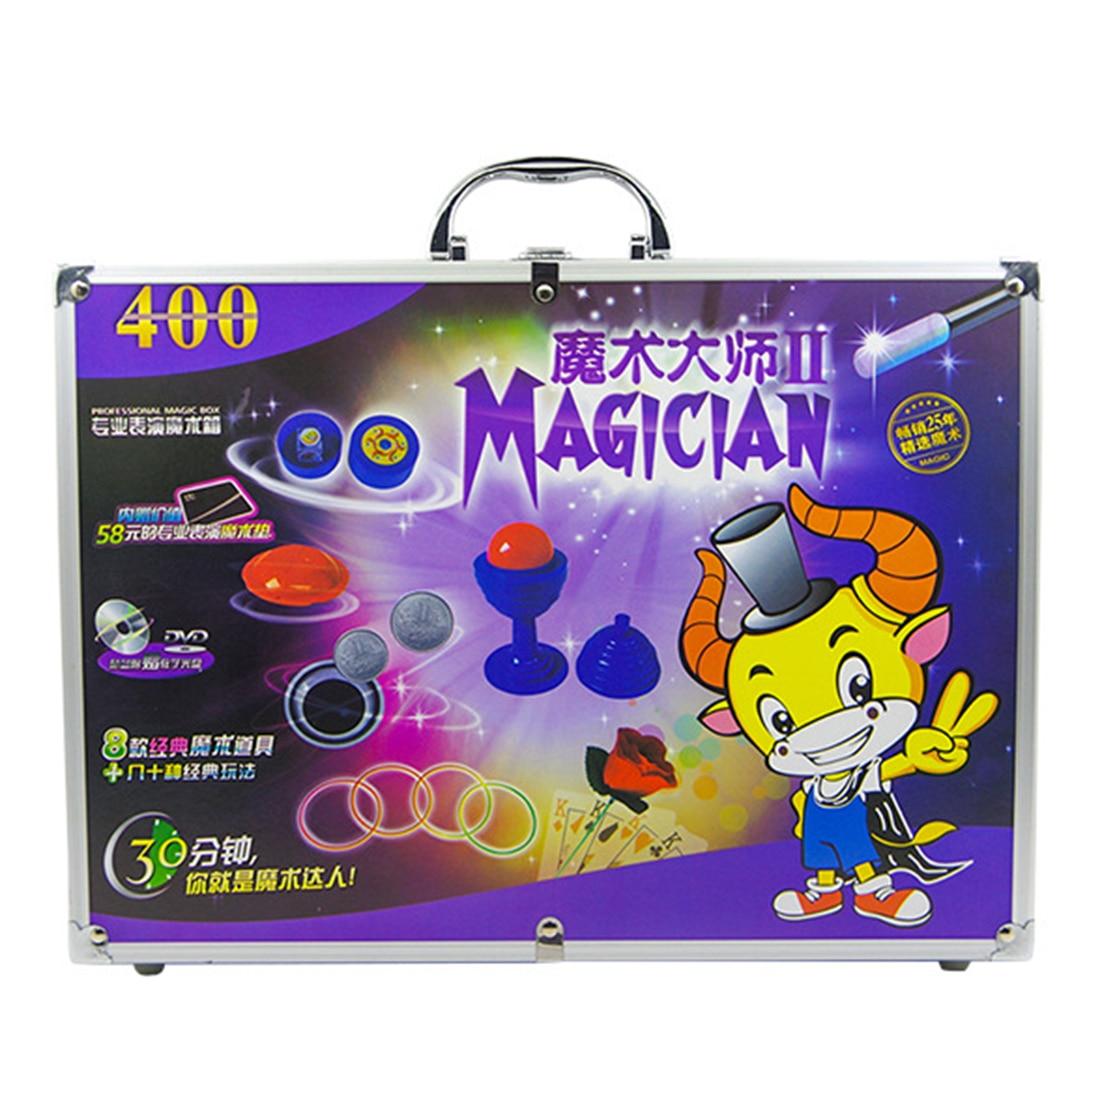 Jouet éducatif chaud de boîte-cadeau magique d'alliage d'aluminium réglé avec divers accessoires boîte-cadeau de jouet magique de gros plan des enfants pour des enfants - 3